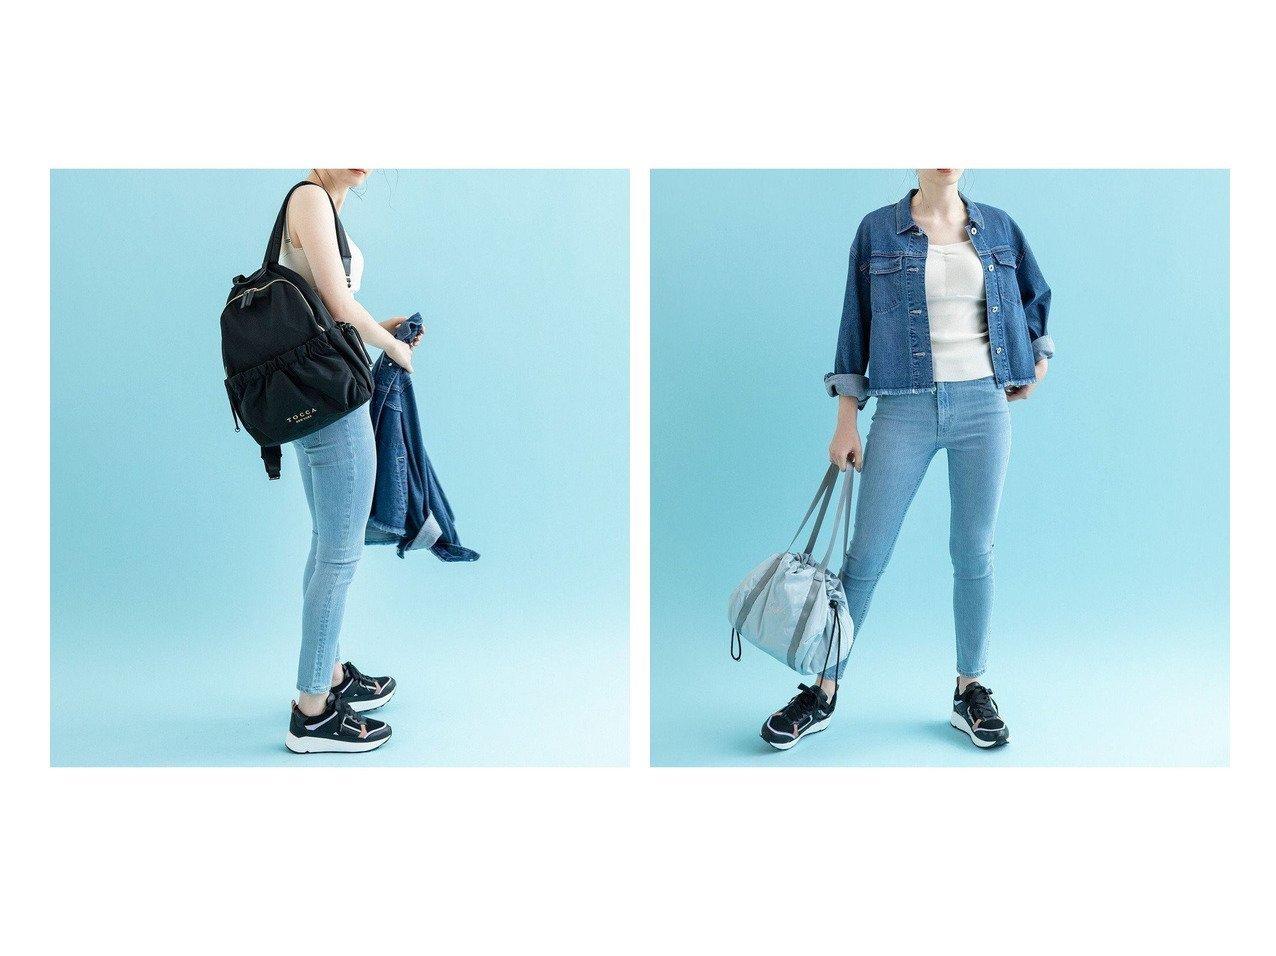 【TOCCA/トッカ】のSANA BACKPACK バックパック&SANA SAC バッグ 【バッグ・鞄】おすすめ!人気、トレンド・レディースファッションの通販 おすすめで人気の流行・トレンド、ファッションの通販商品 インテリア・家具・メンズファッション・キッズファッション・レディースファッション・服の通販 founy(ファニー) https://founy.com/ ファッション Fashion レディースファッション WOMEN バッグ Bag 送料無料 Free Shipping アウトドア エアリー クラウン テクスチャー トラベル フェミニン フリル ポケット リュック リラックス 財布 |ID:crp329100000049436